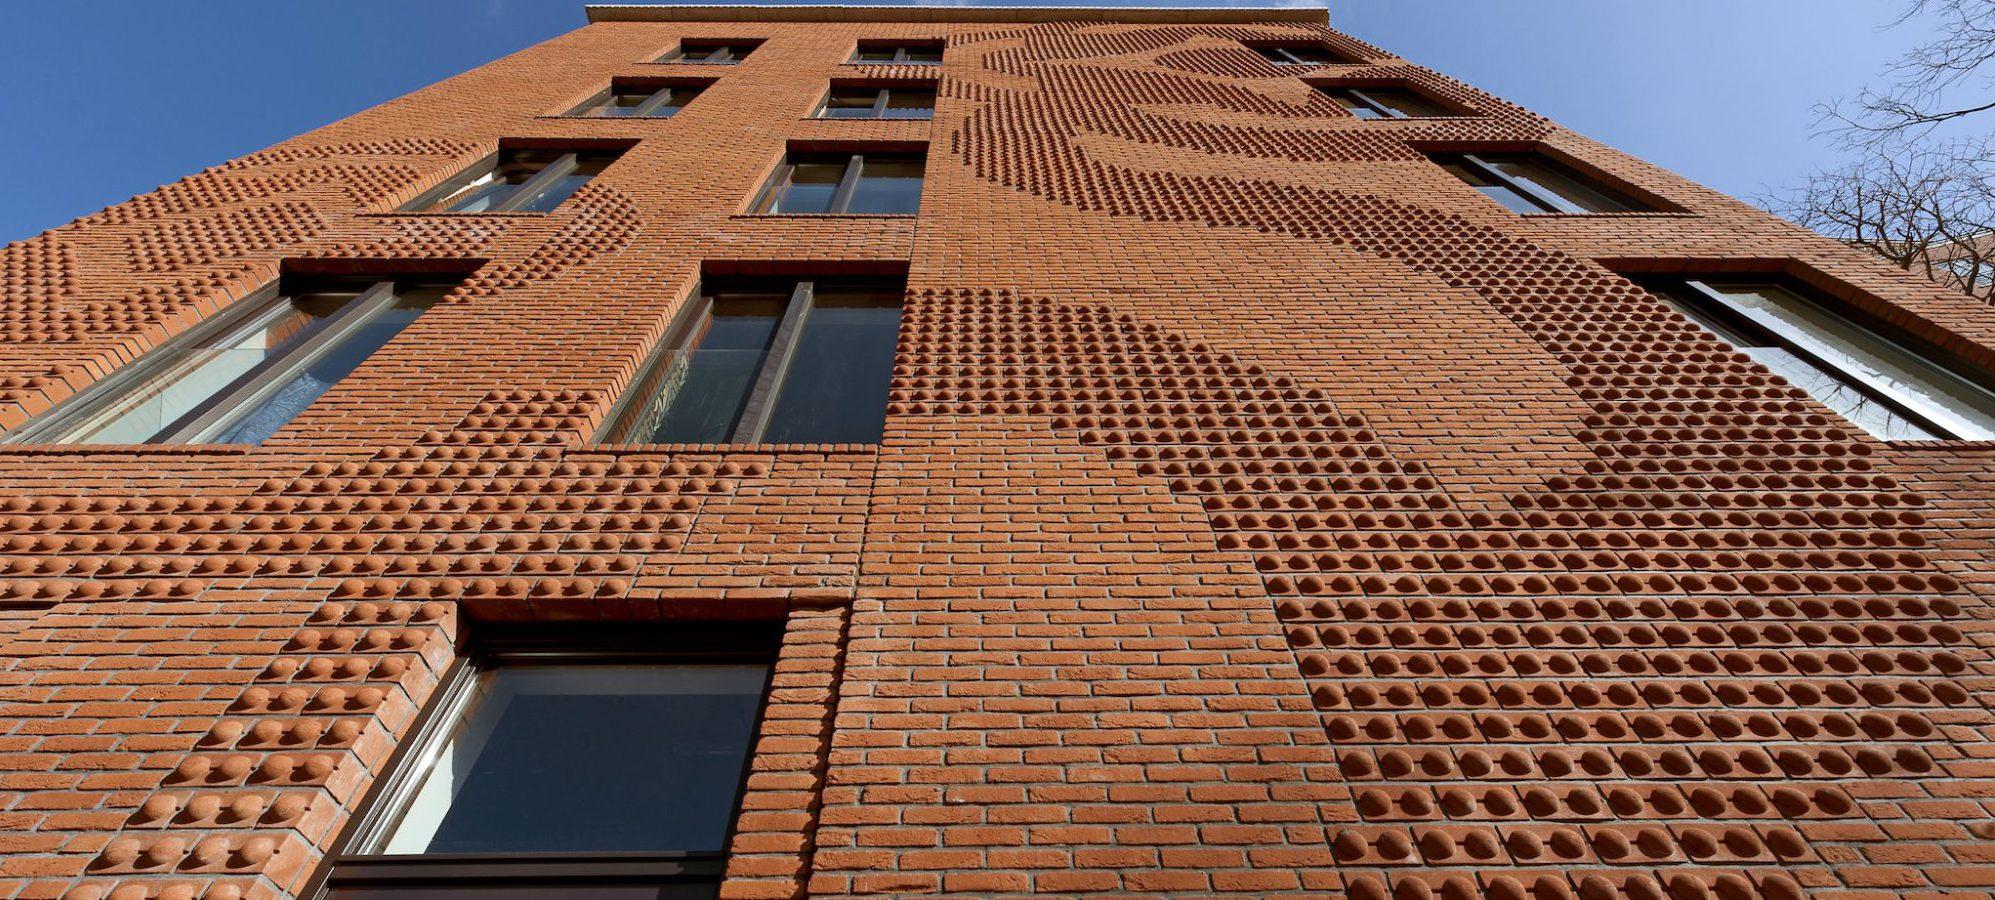 Van veen architecten rotterdam for Rotterdam crooswijk